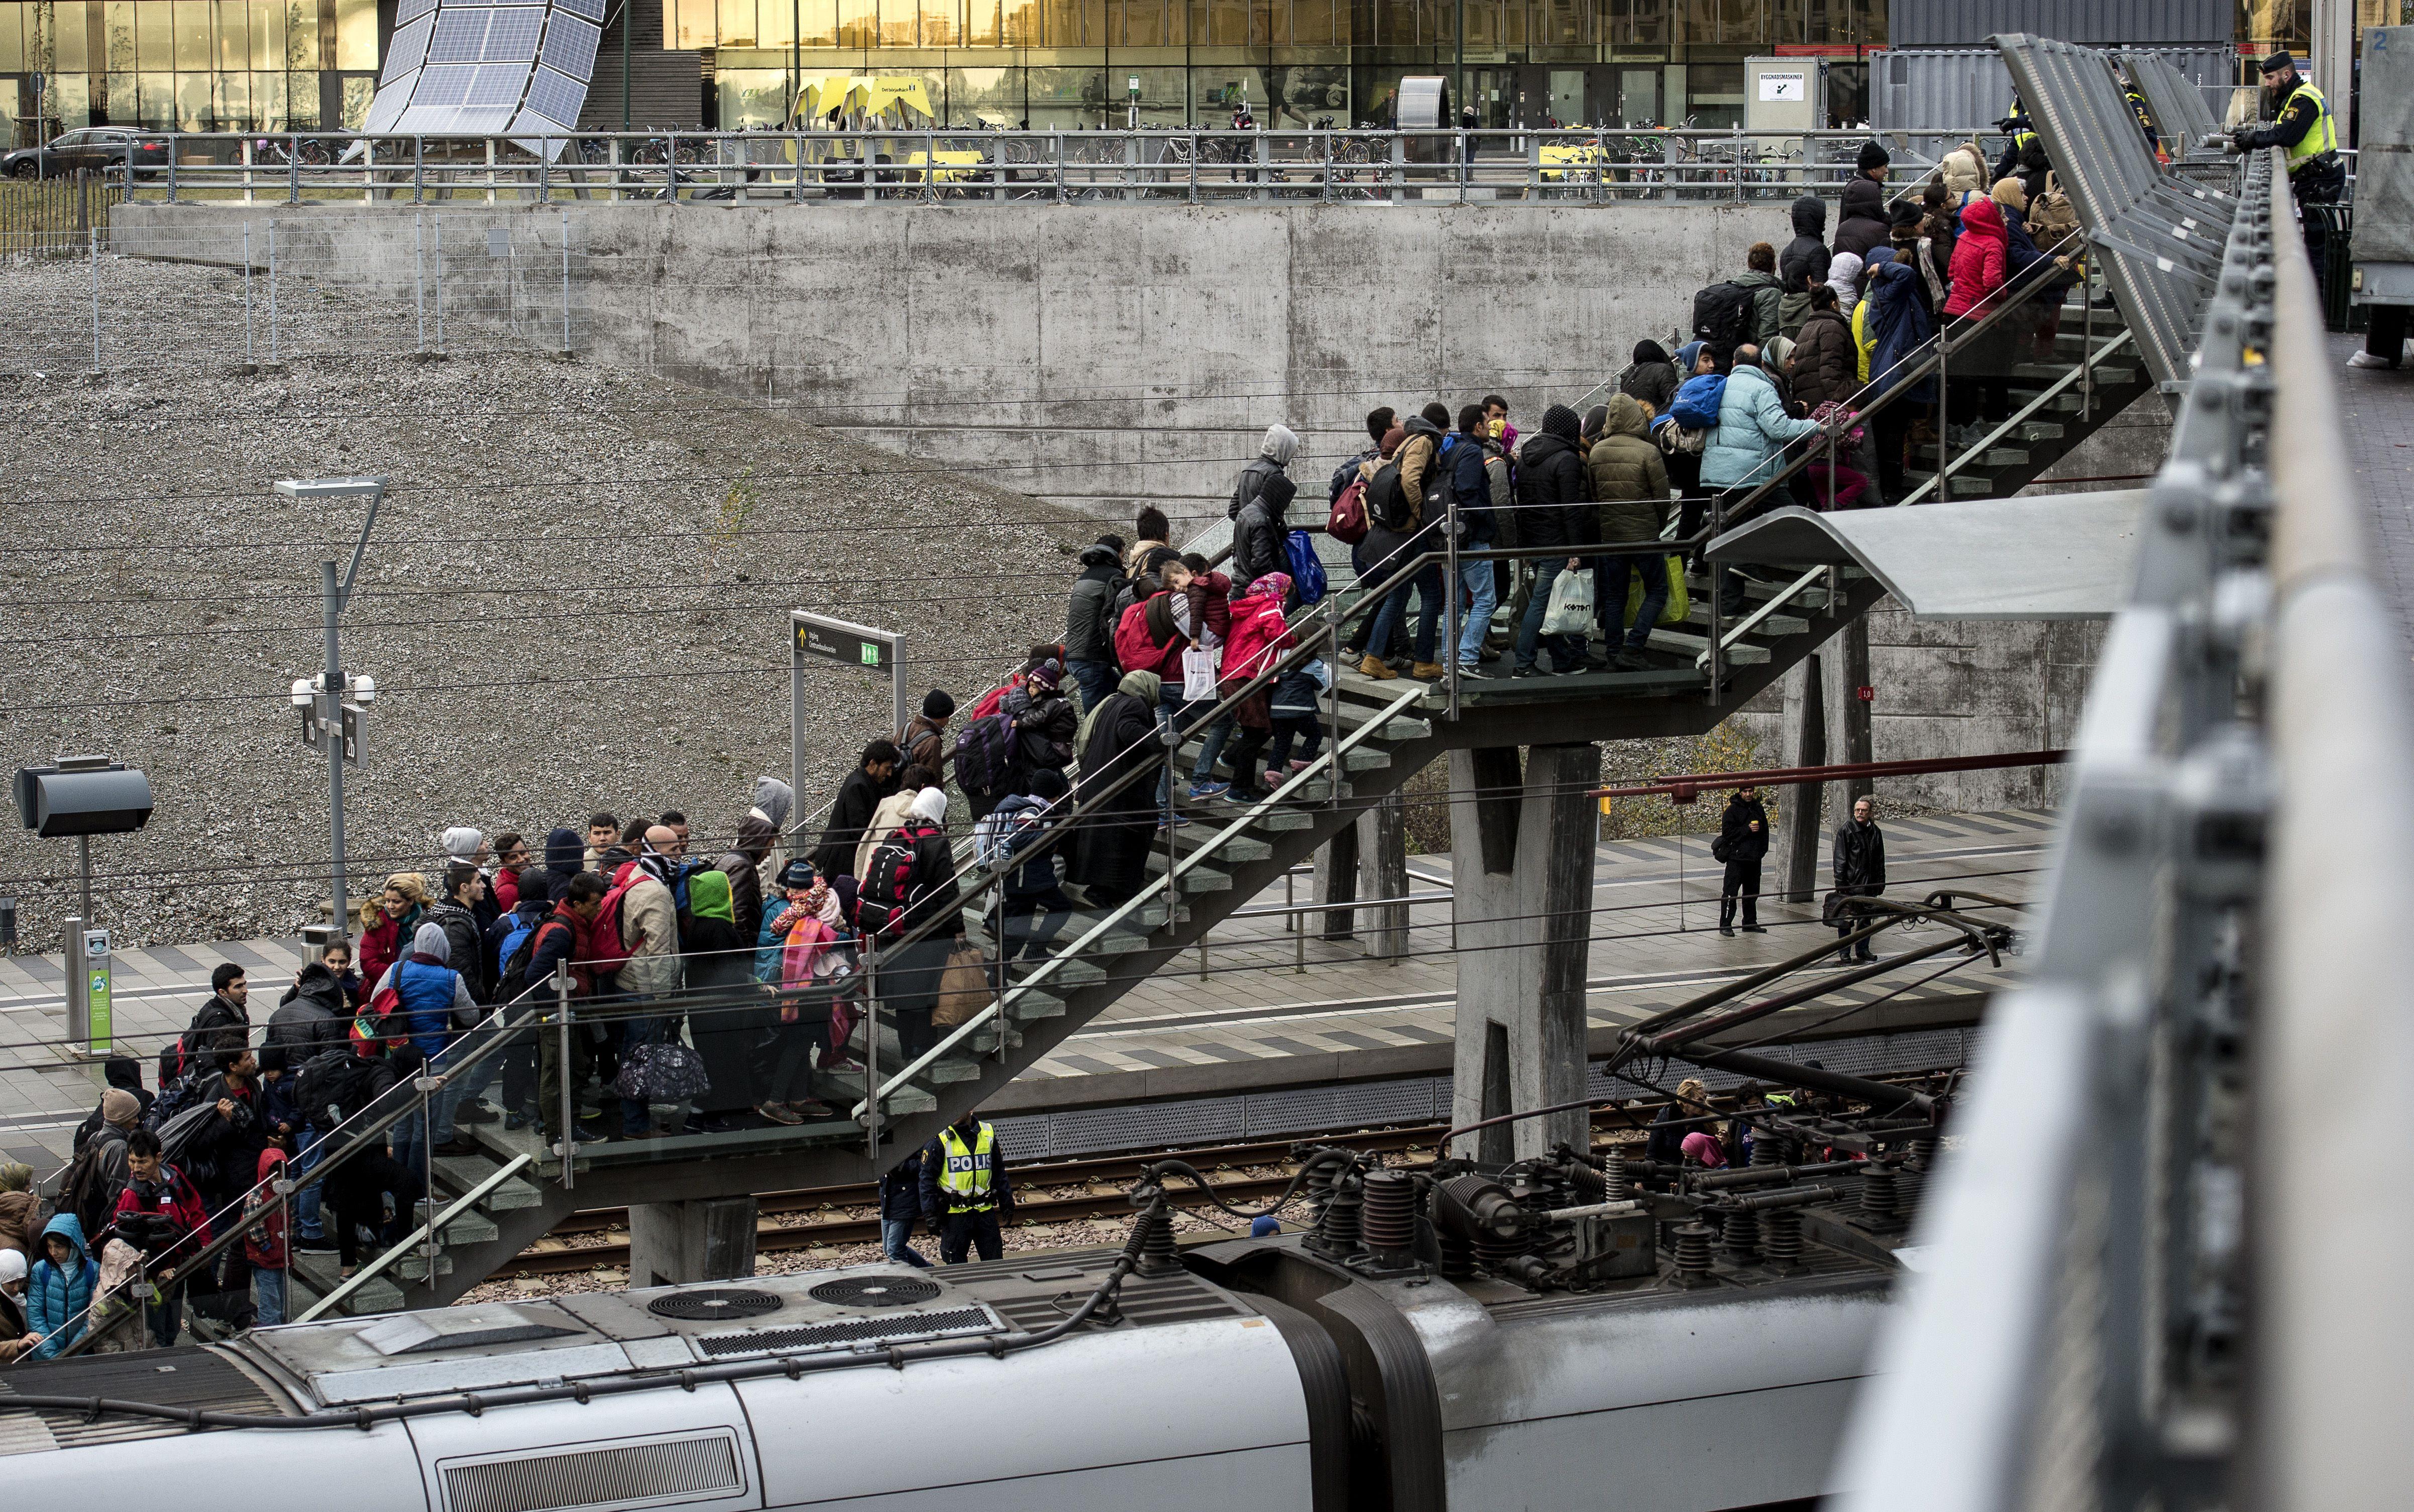 Dänemark: Sozialkreditsystem und Zwangsumsiedlungen gegen Ghettobildung von Migranten